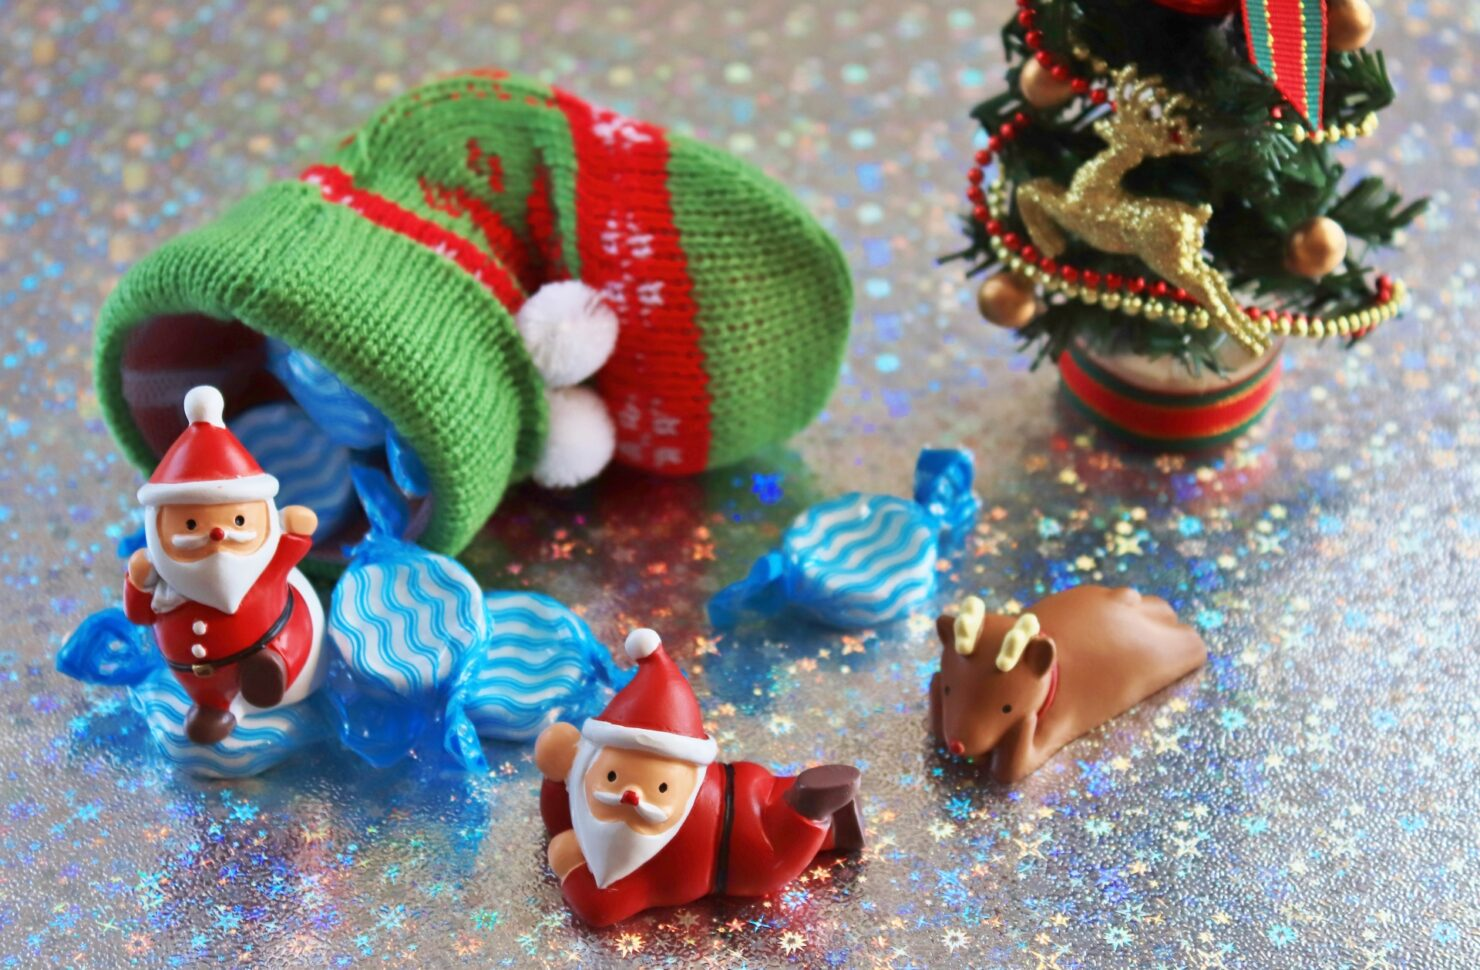 クリスマスブーツは早めにチェック!